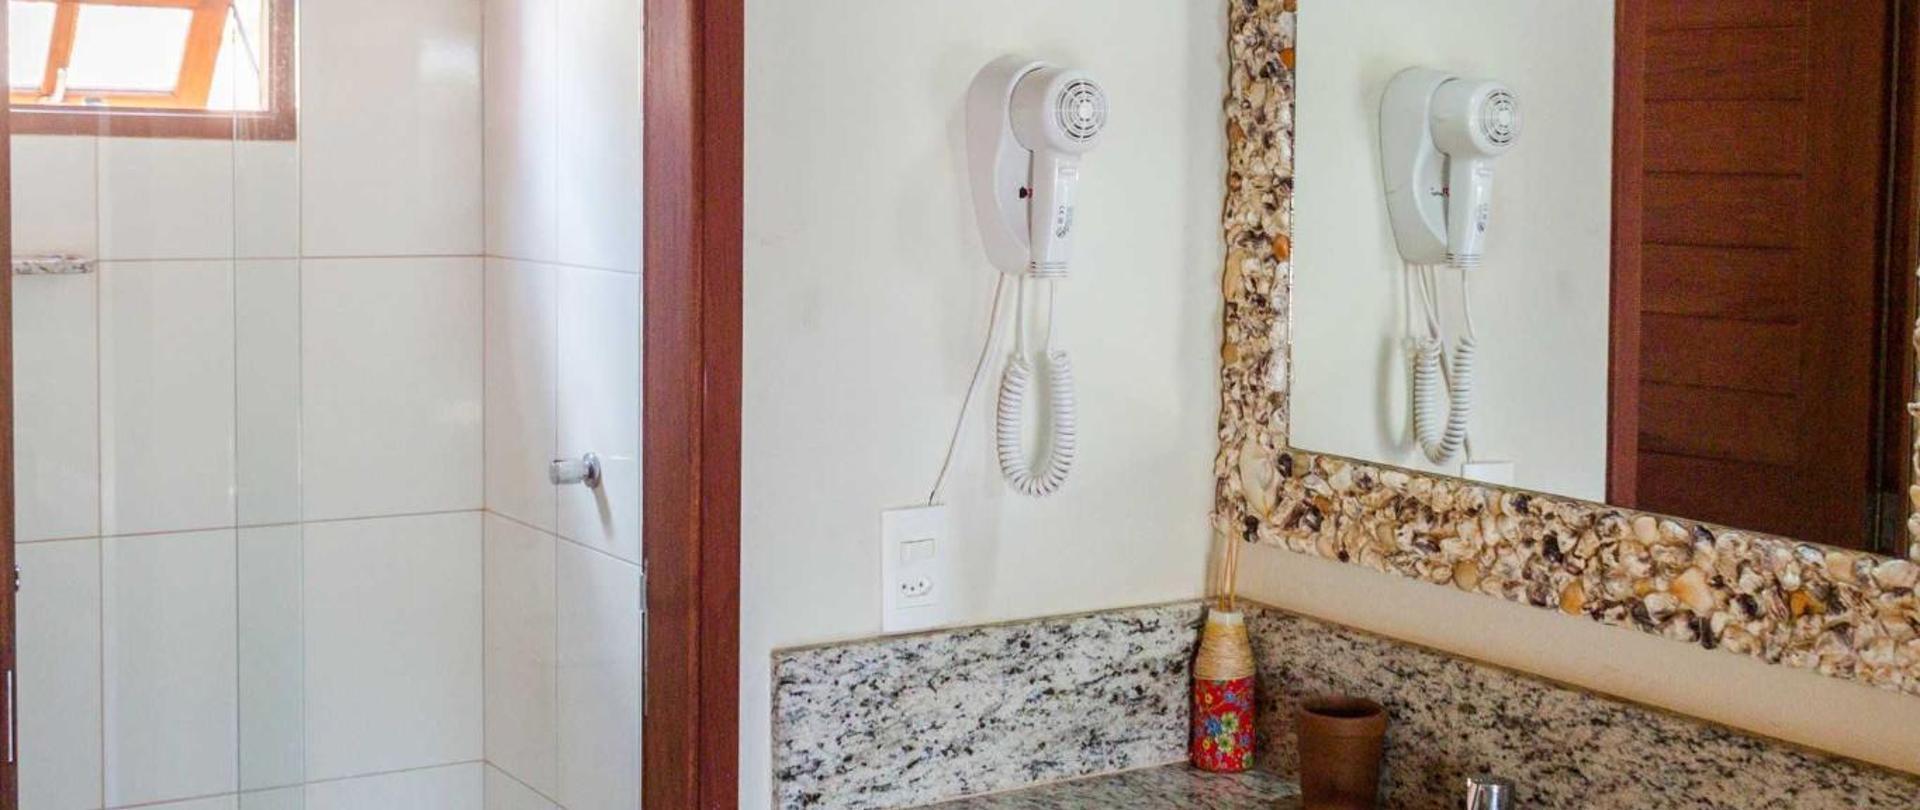 lavabo-e-parte-do-bho.jpg